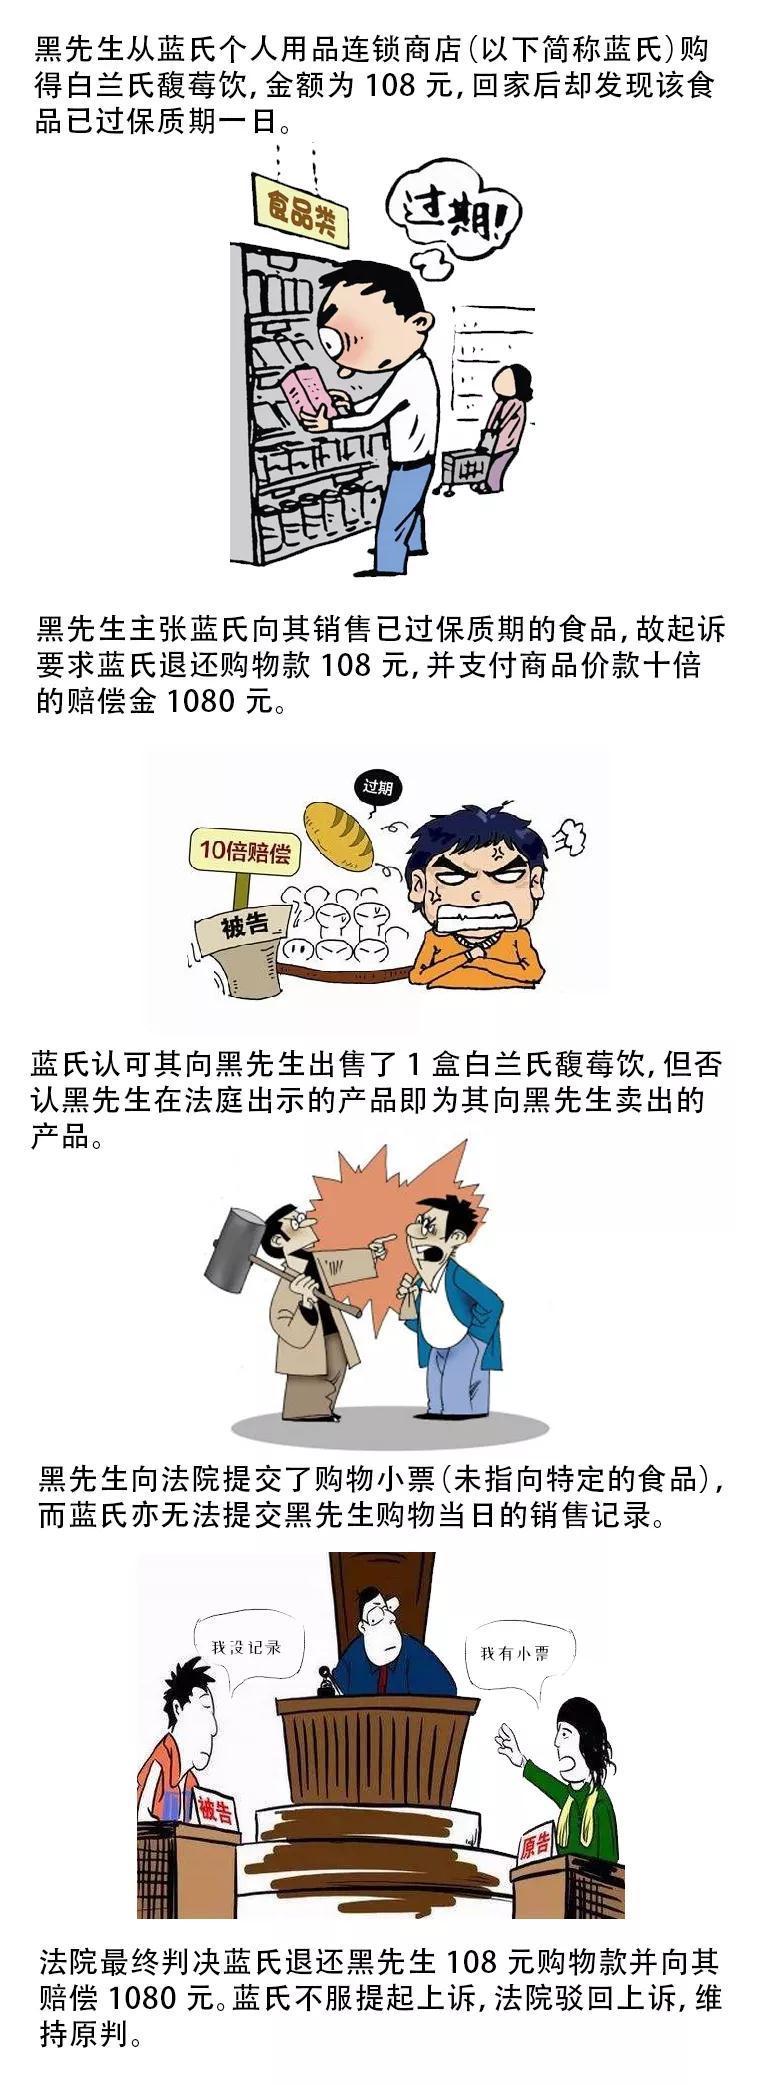 律师说:过期一天也可以要求赔偿上千赔偿金?-群益观察 -北京群益律师事务所